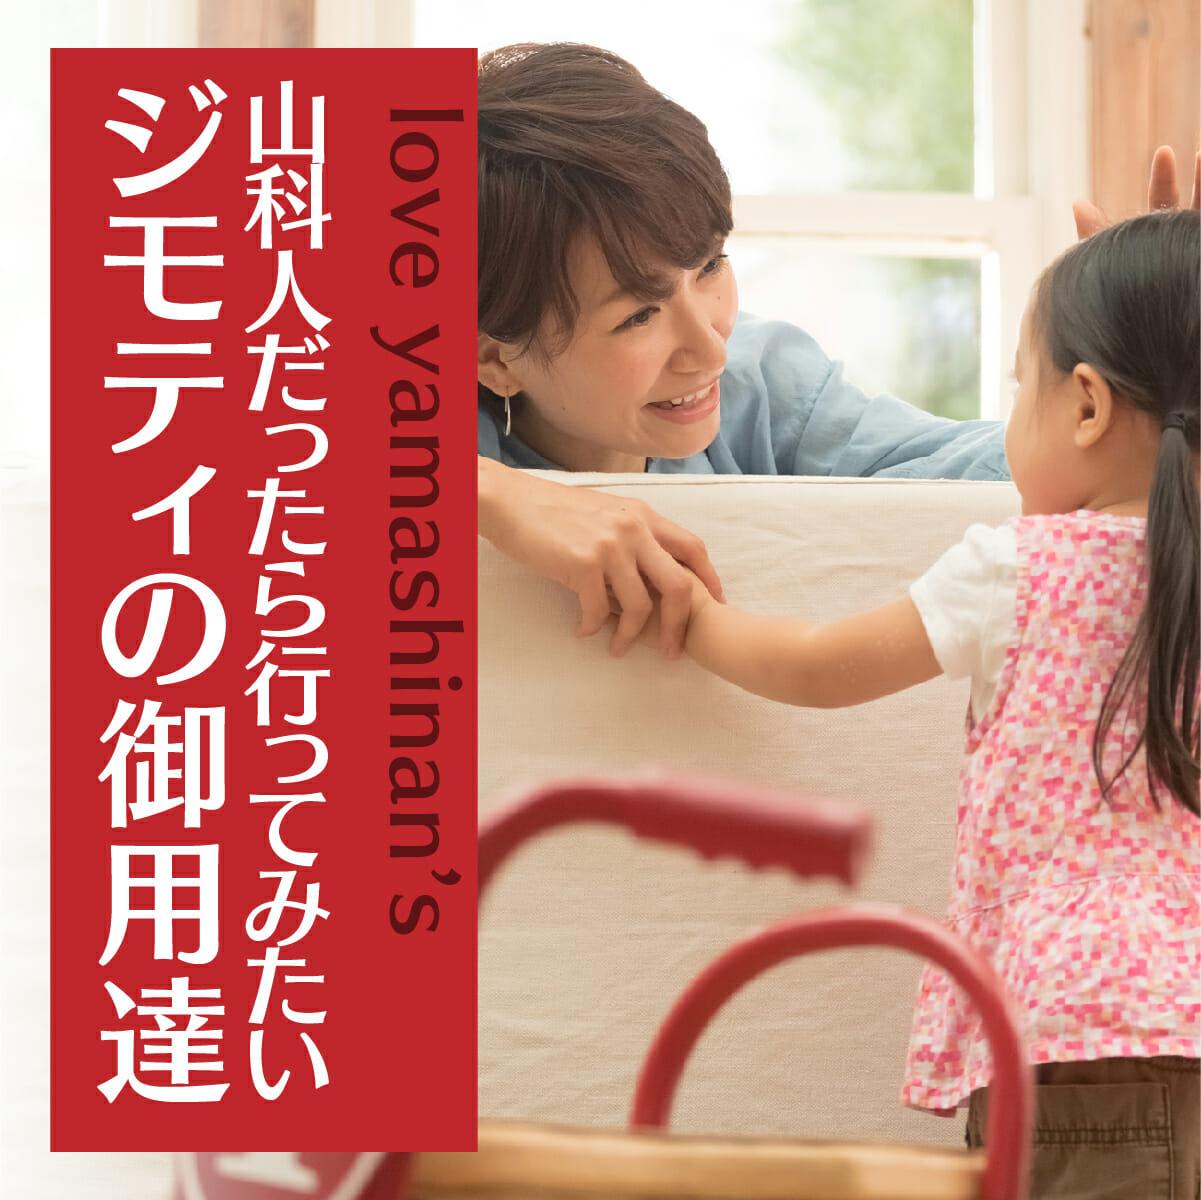 yamagura_bnr_054